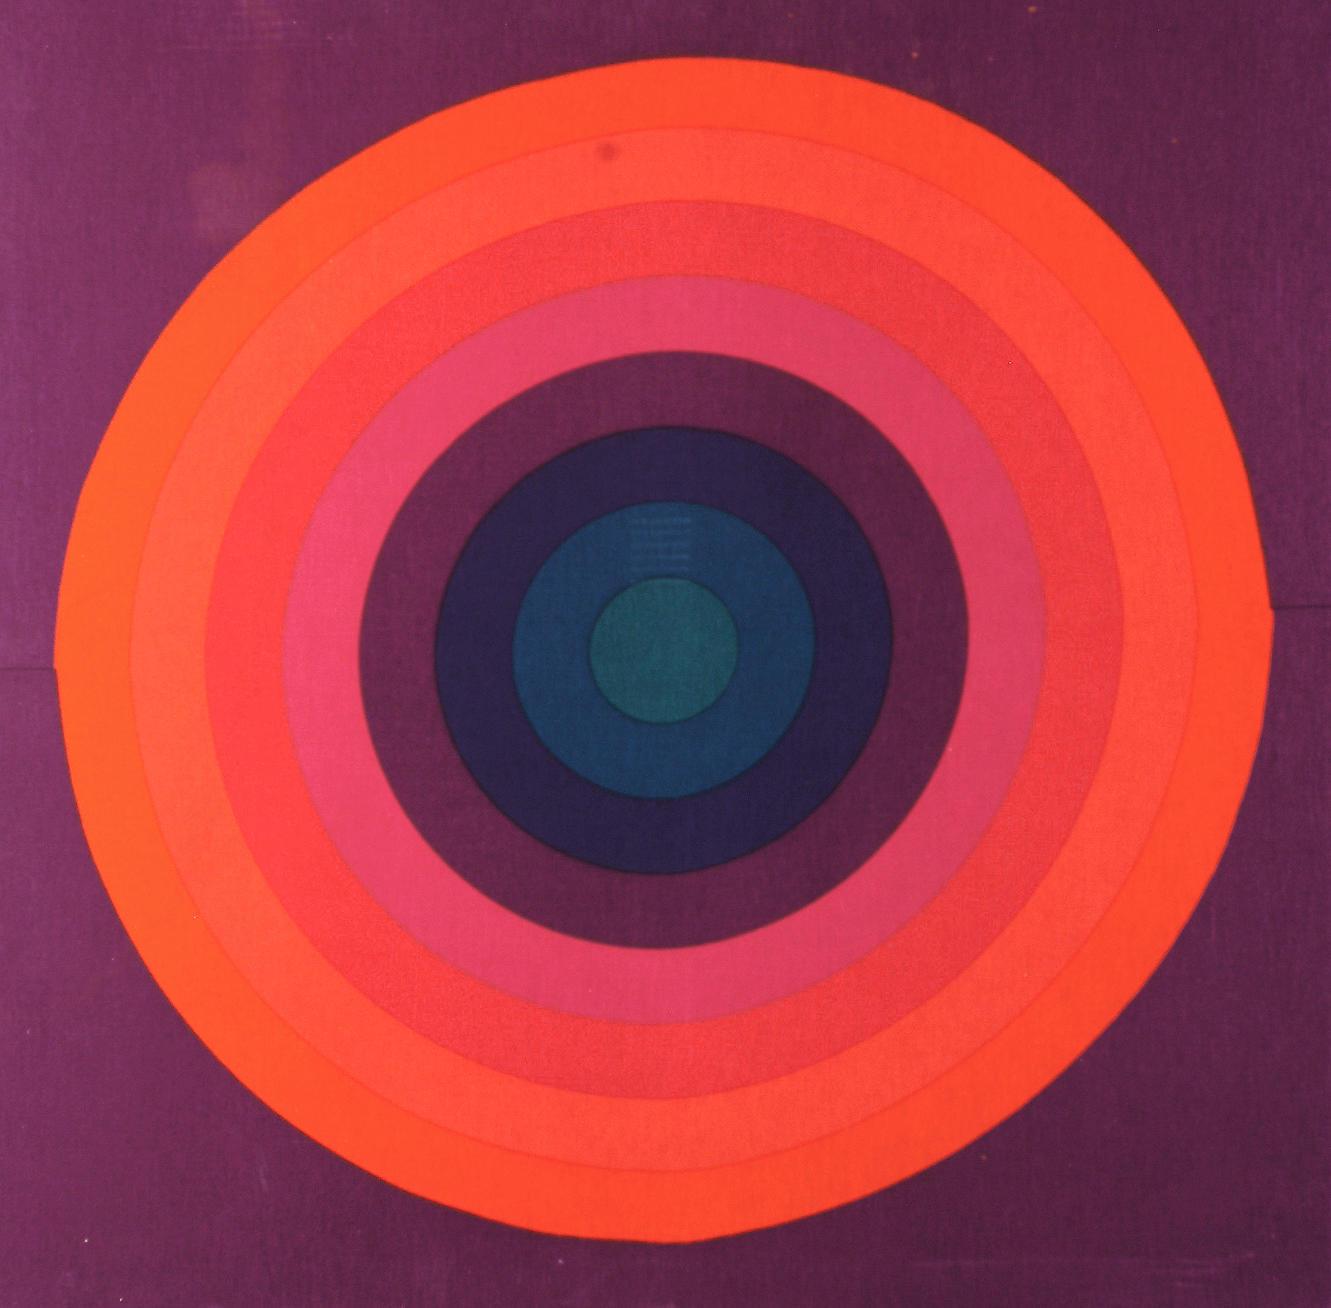 Verner Panton (Danish, 1926-1998)